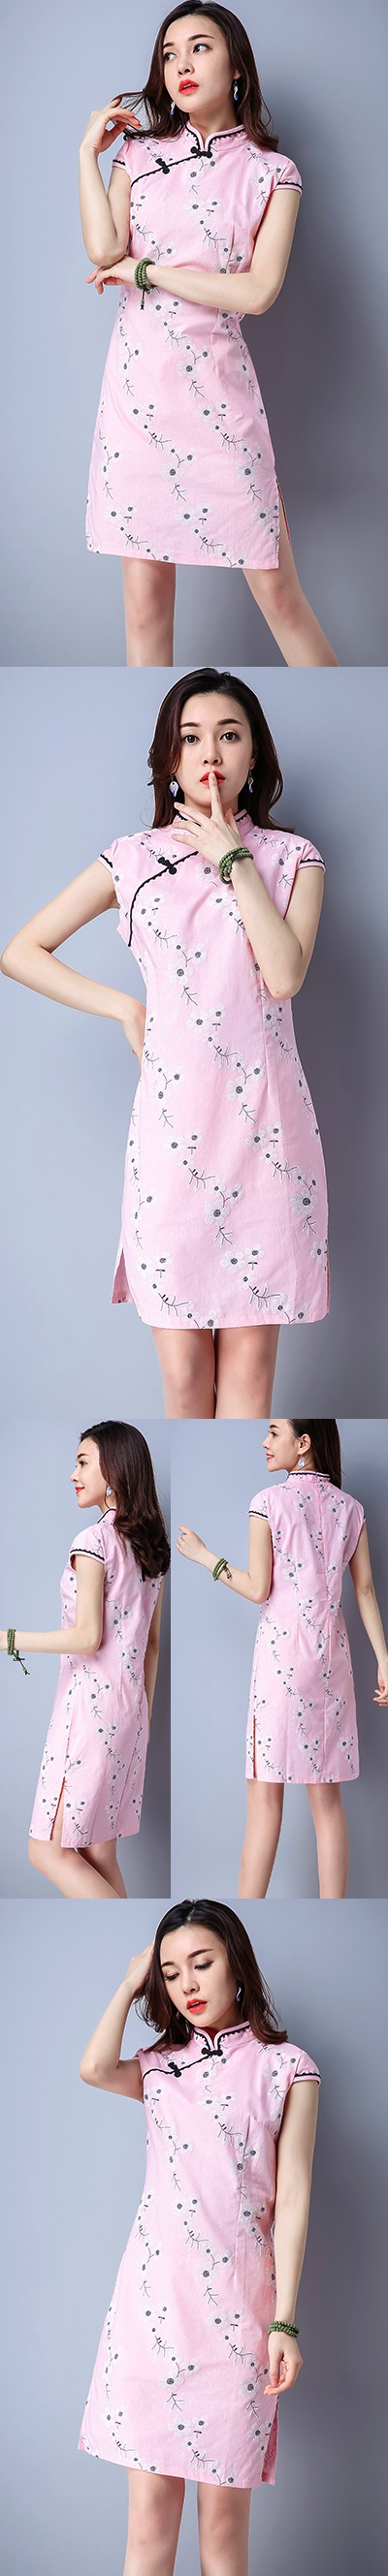 民族風情印花連衣裙-粉紅色 (成衣)